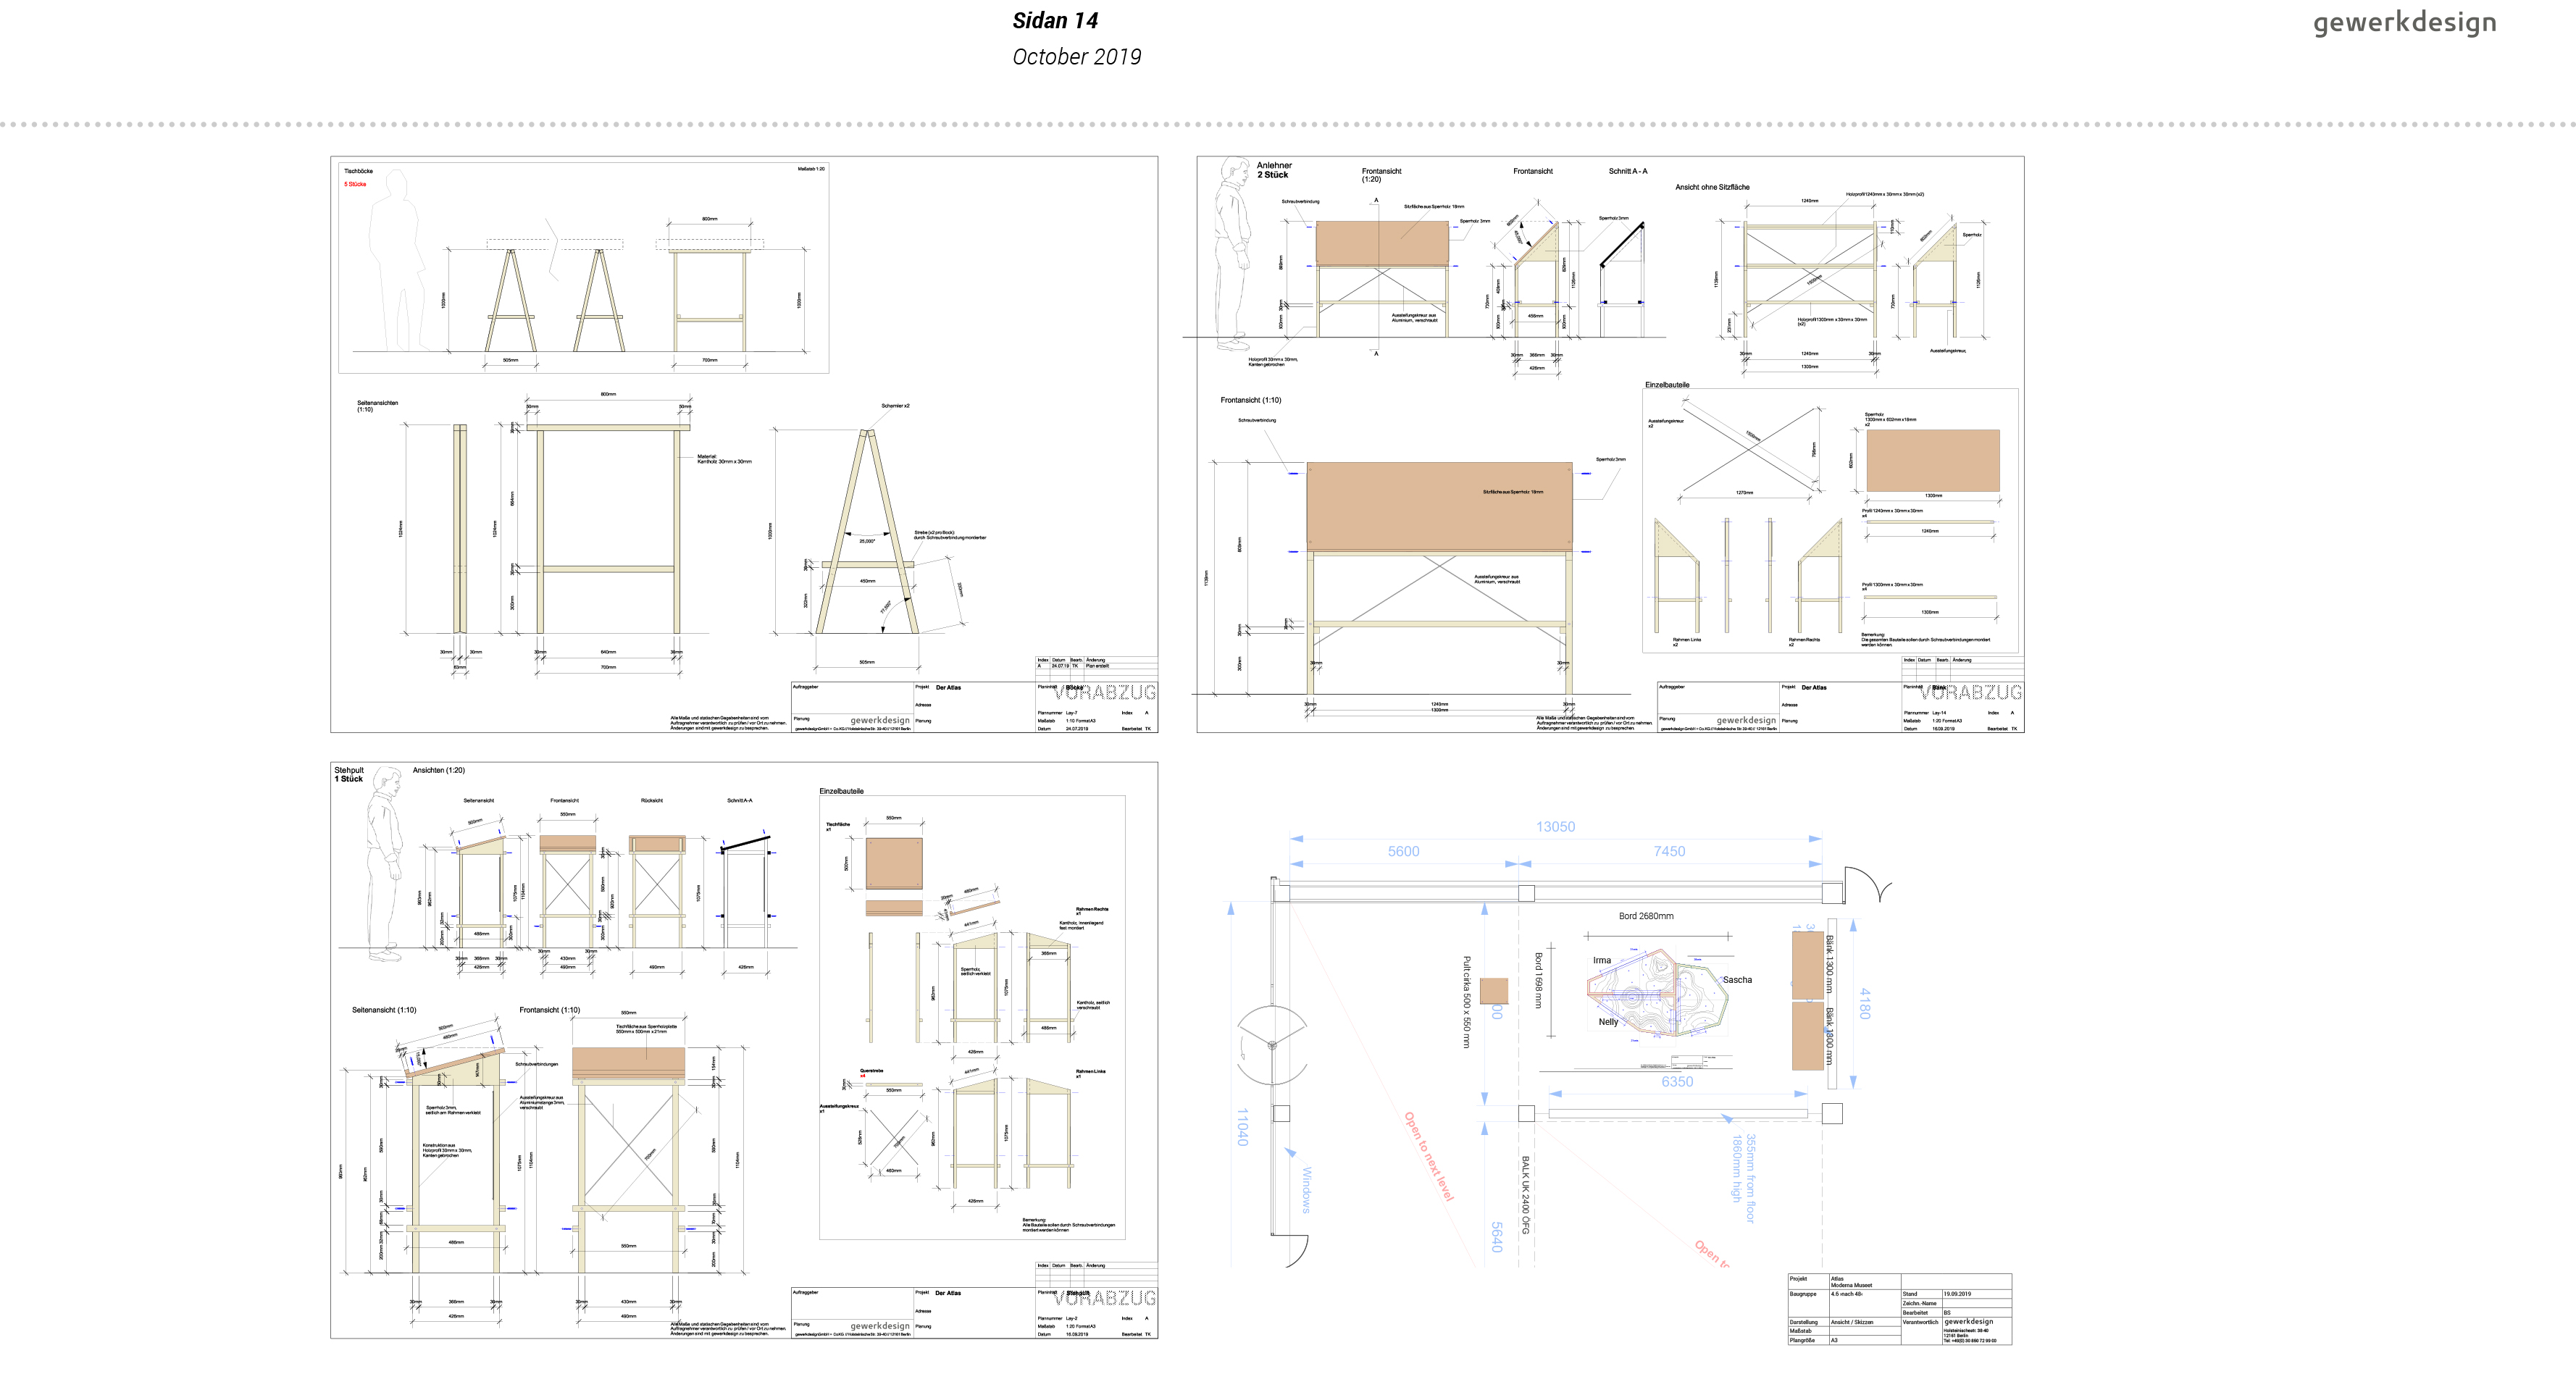 Technische Zeichnungen weiterer Möbel der Installation: Sitzbänke und Lesepult